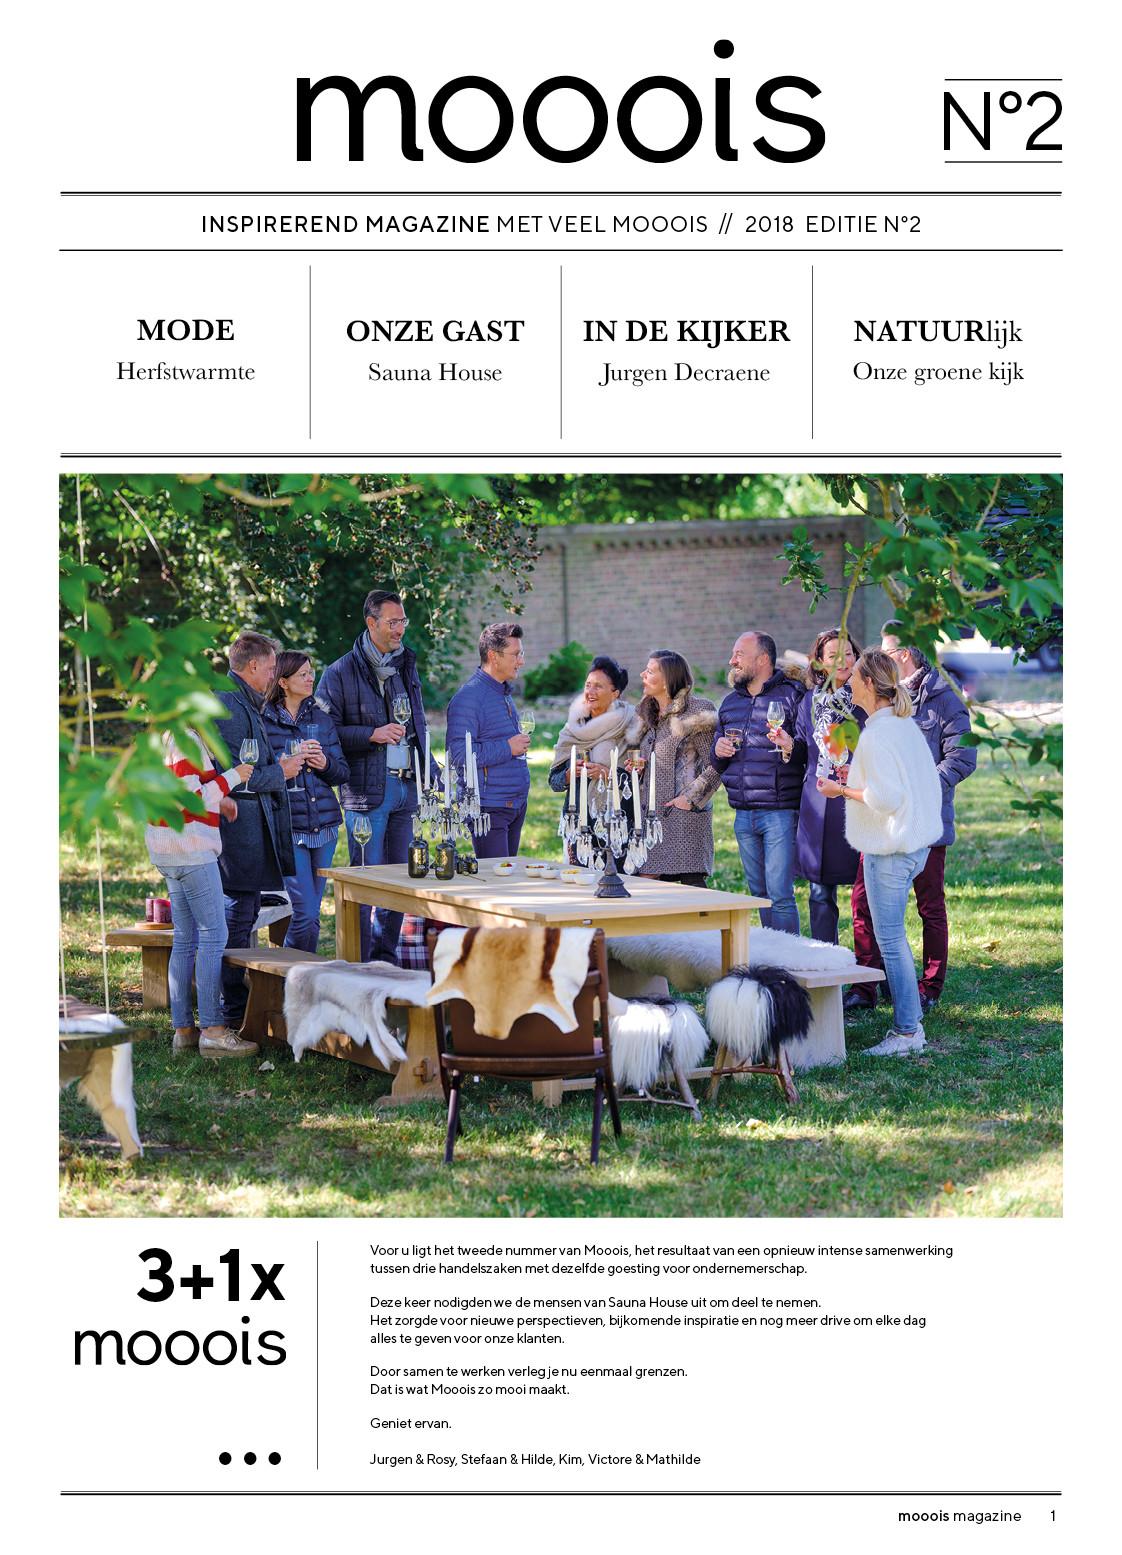 MOOOISMagazine_2 cover.jpg